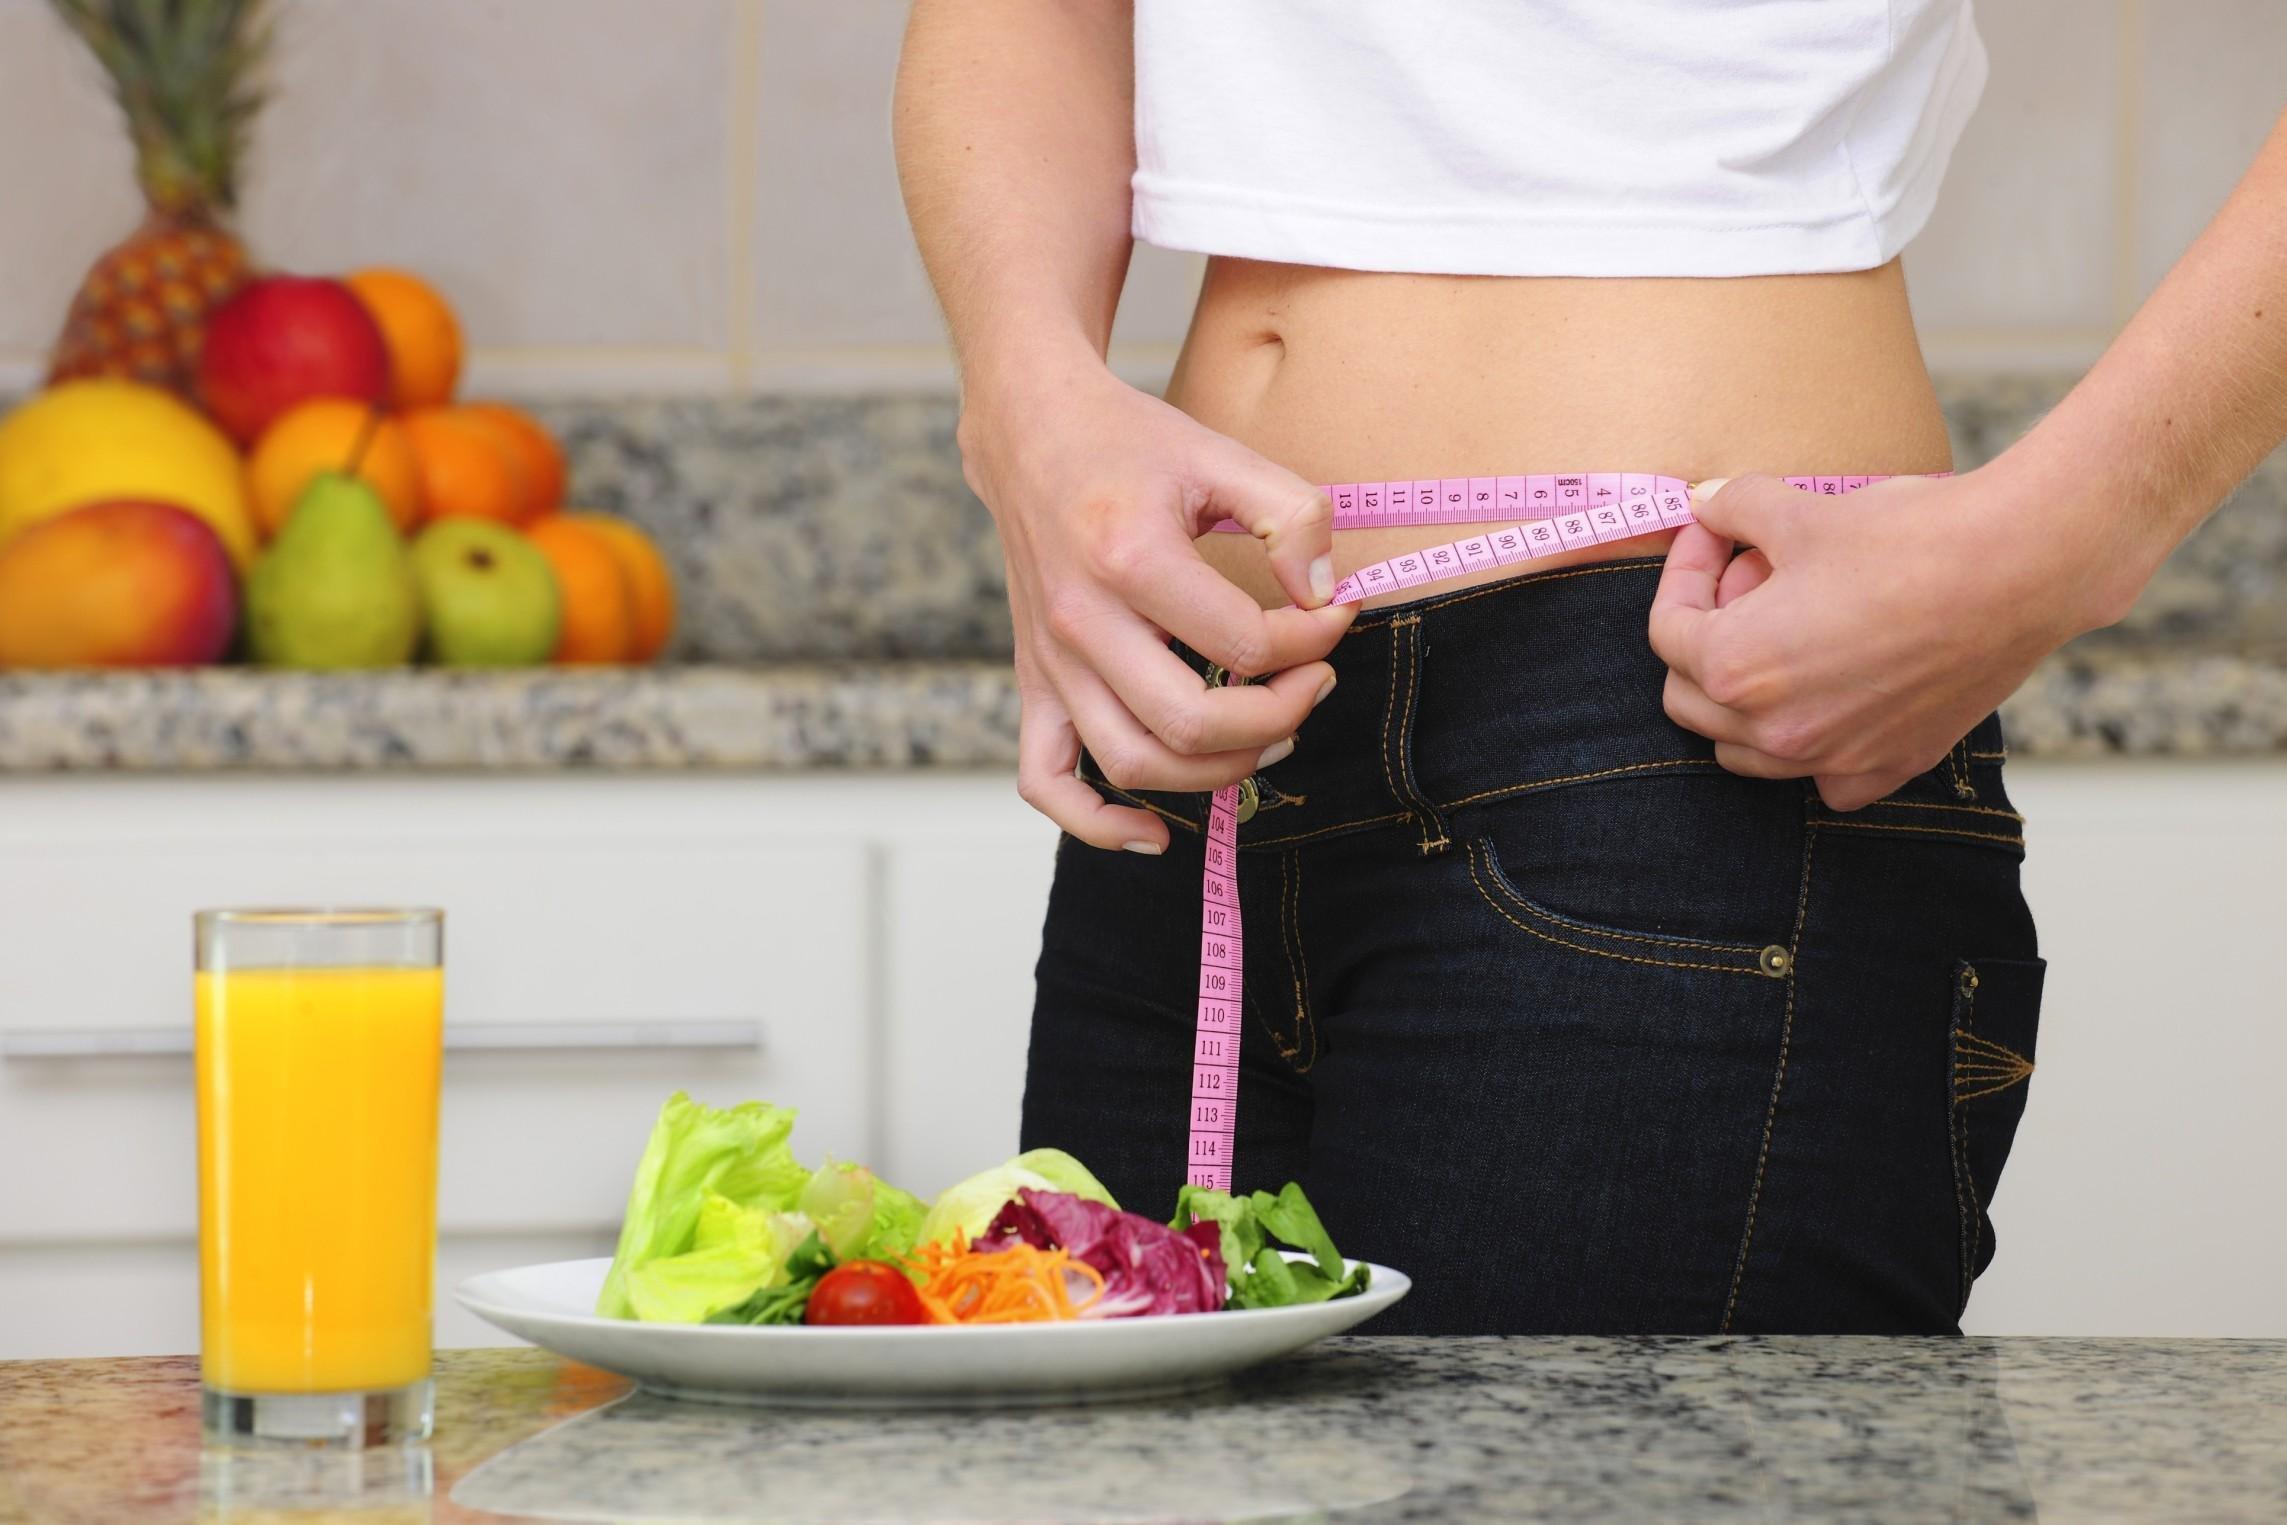 Правильное Питание Помогает Похудеть. Основы правильного питания для похудения